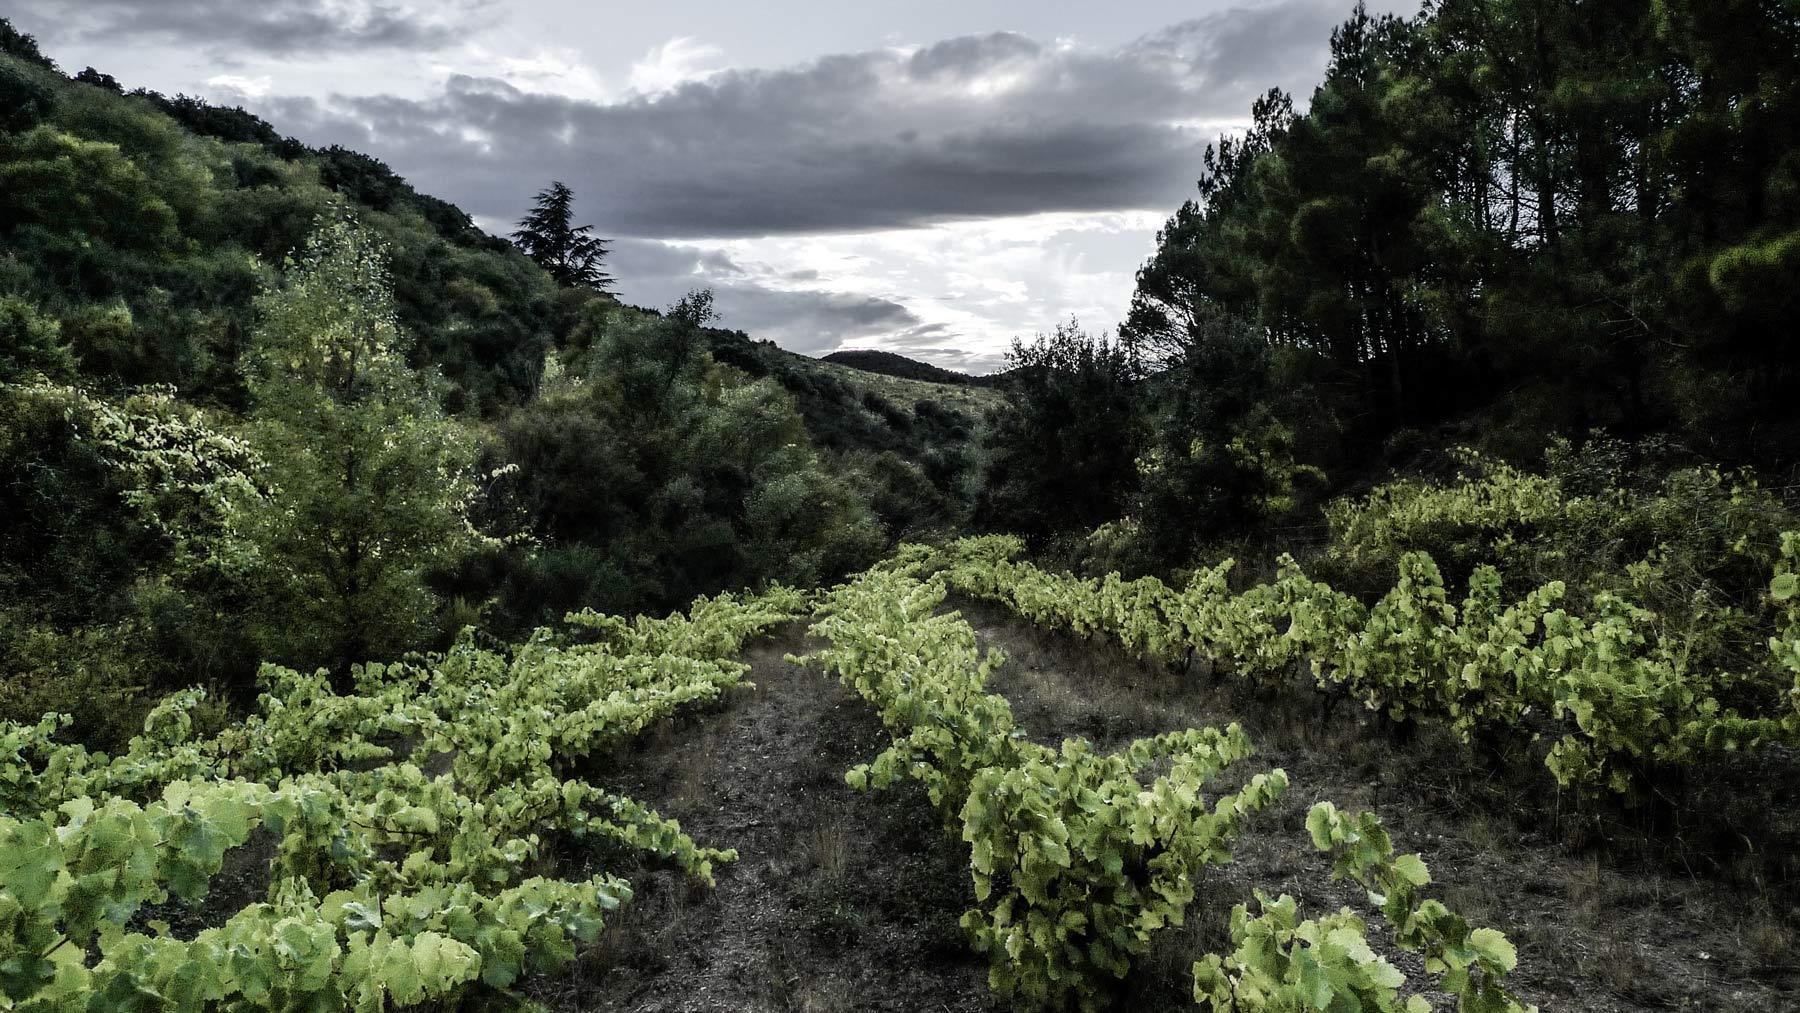 Winzige Weinberge im Fitou (Languedoc) bringen oft große Weine hervor. Den Weinberg habe ich mit Laurent Tibes erklommen. Einer seiner feinsten Weine - der Grangette - stammt von diesen wenigen Reben. Abgeschieden liegt der Weinberg im Fitou in den Bergen.